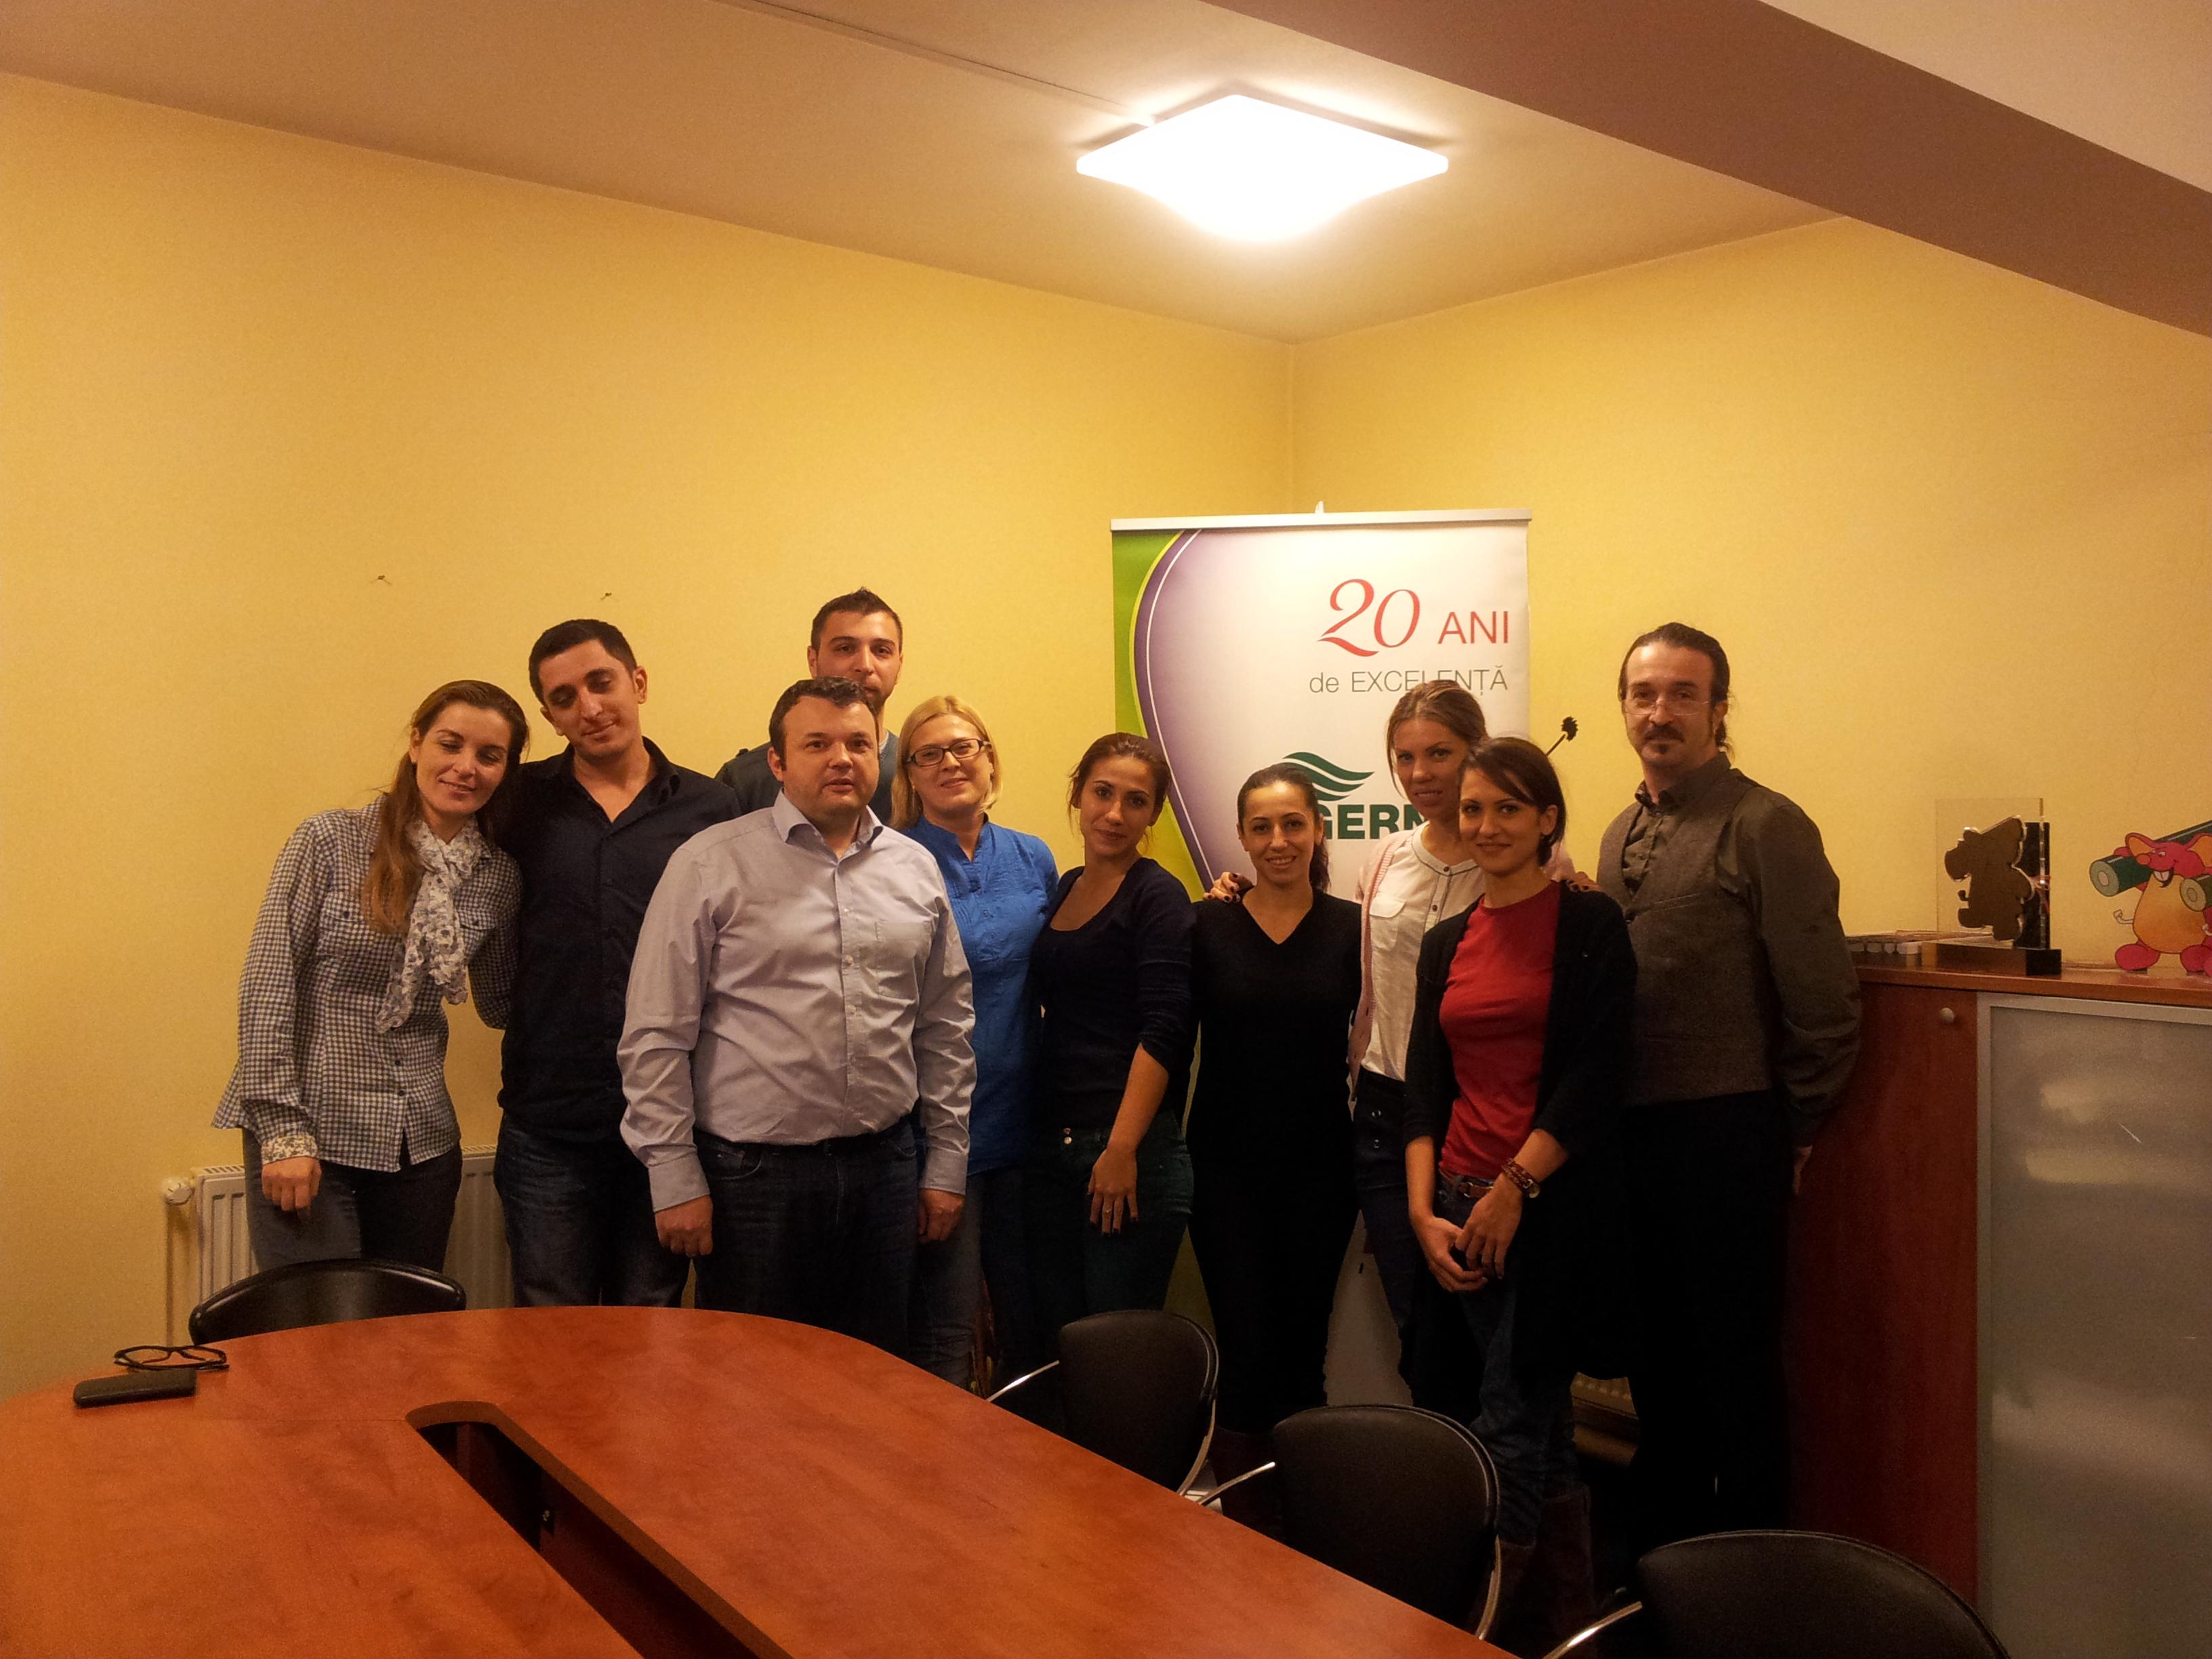 Impreuna cu echipa Algernon Impex - Bucuresti